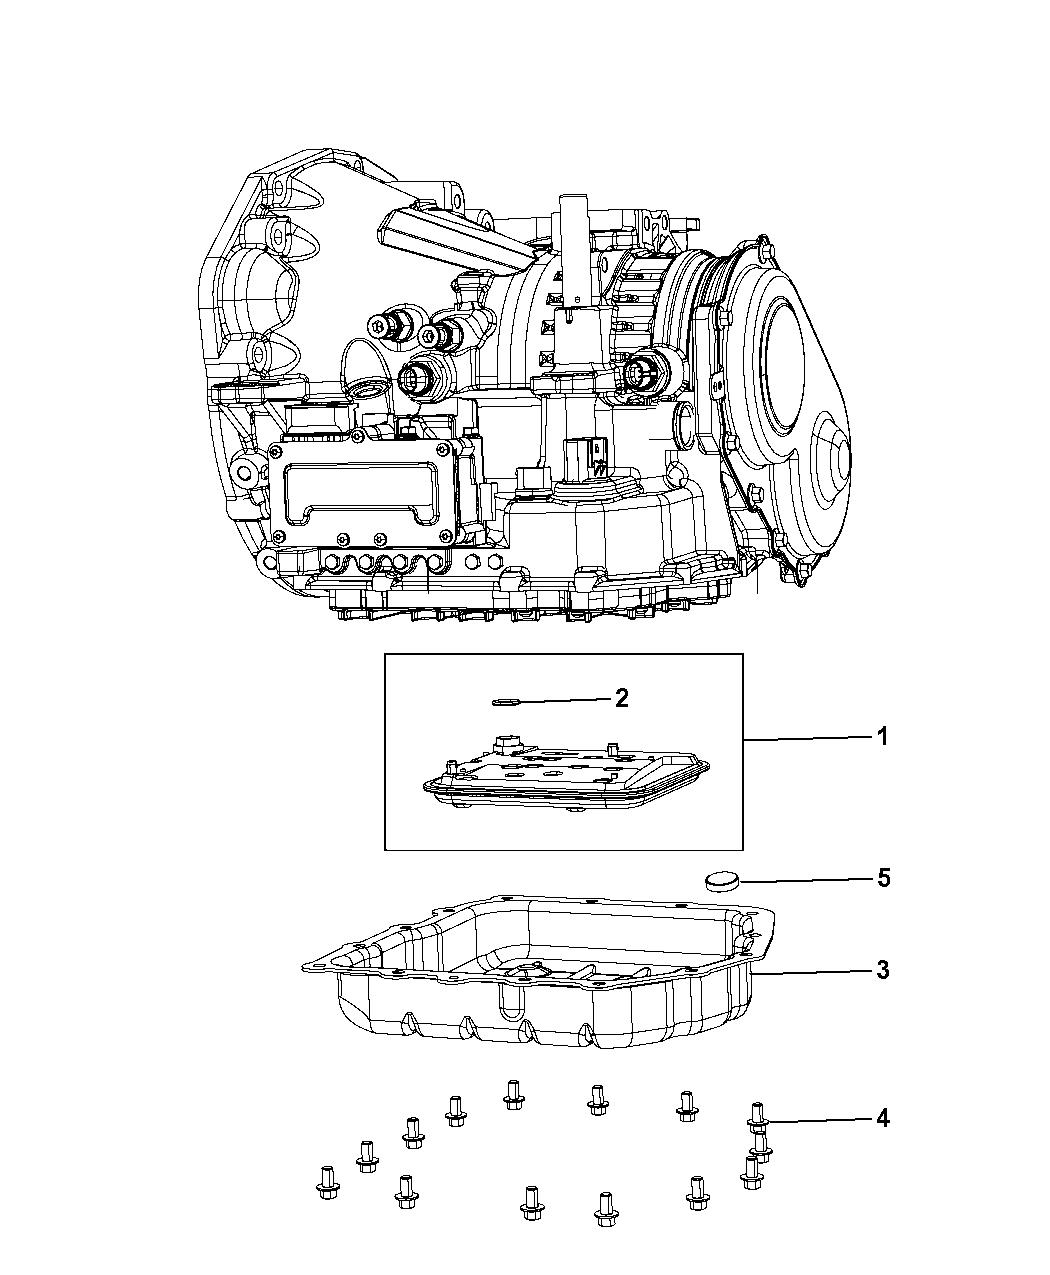 2008 Chrysler PT Cruiser Transmission Oil Filters